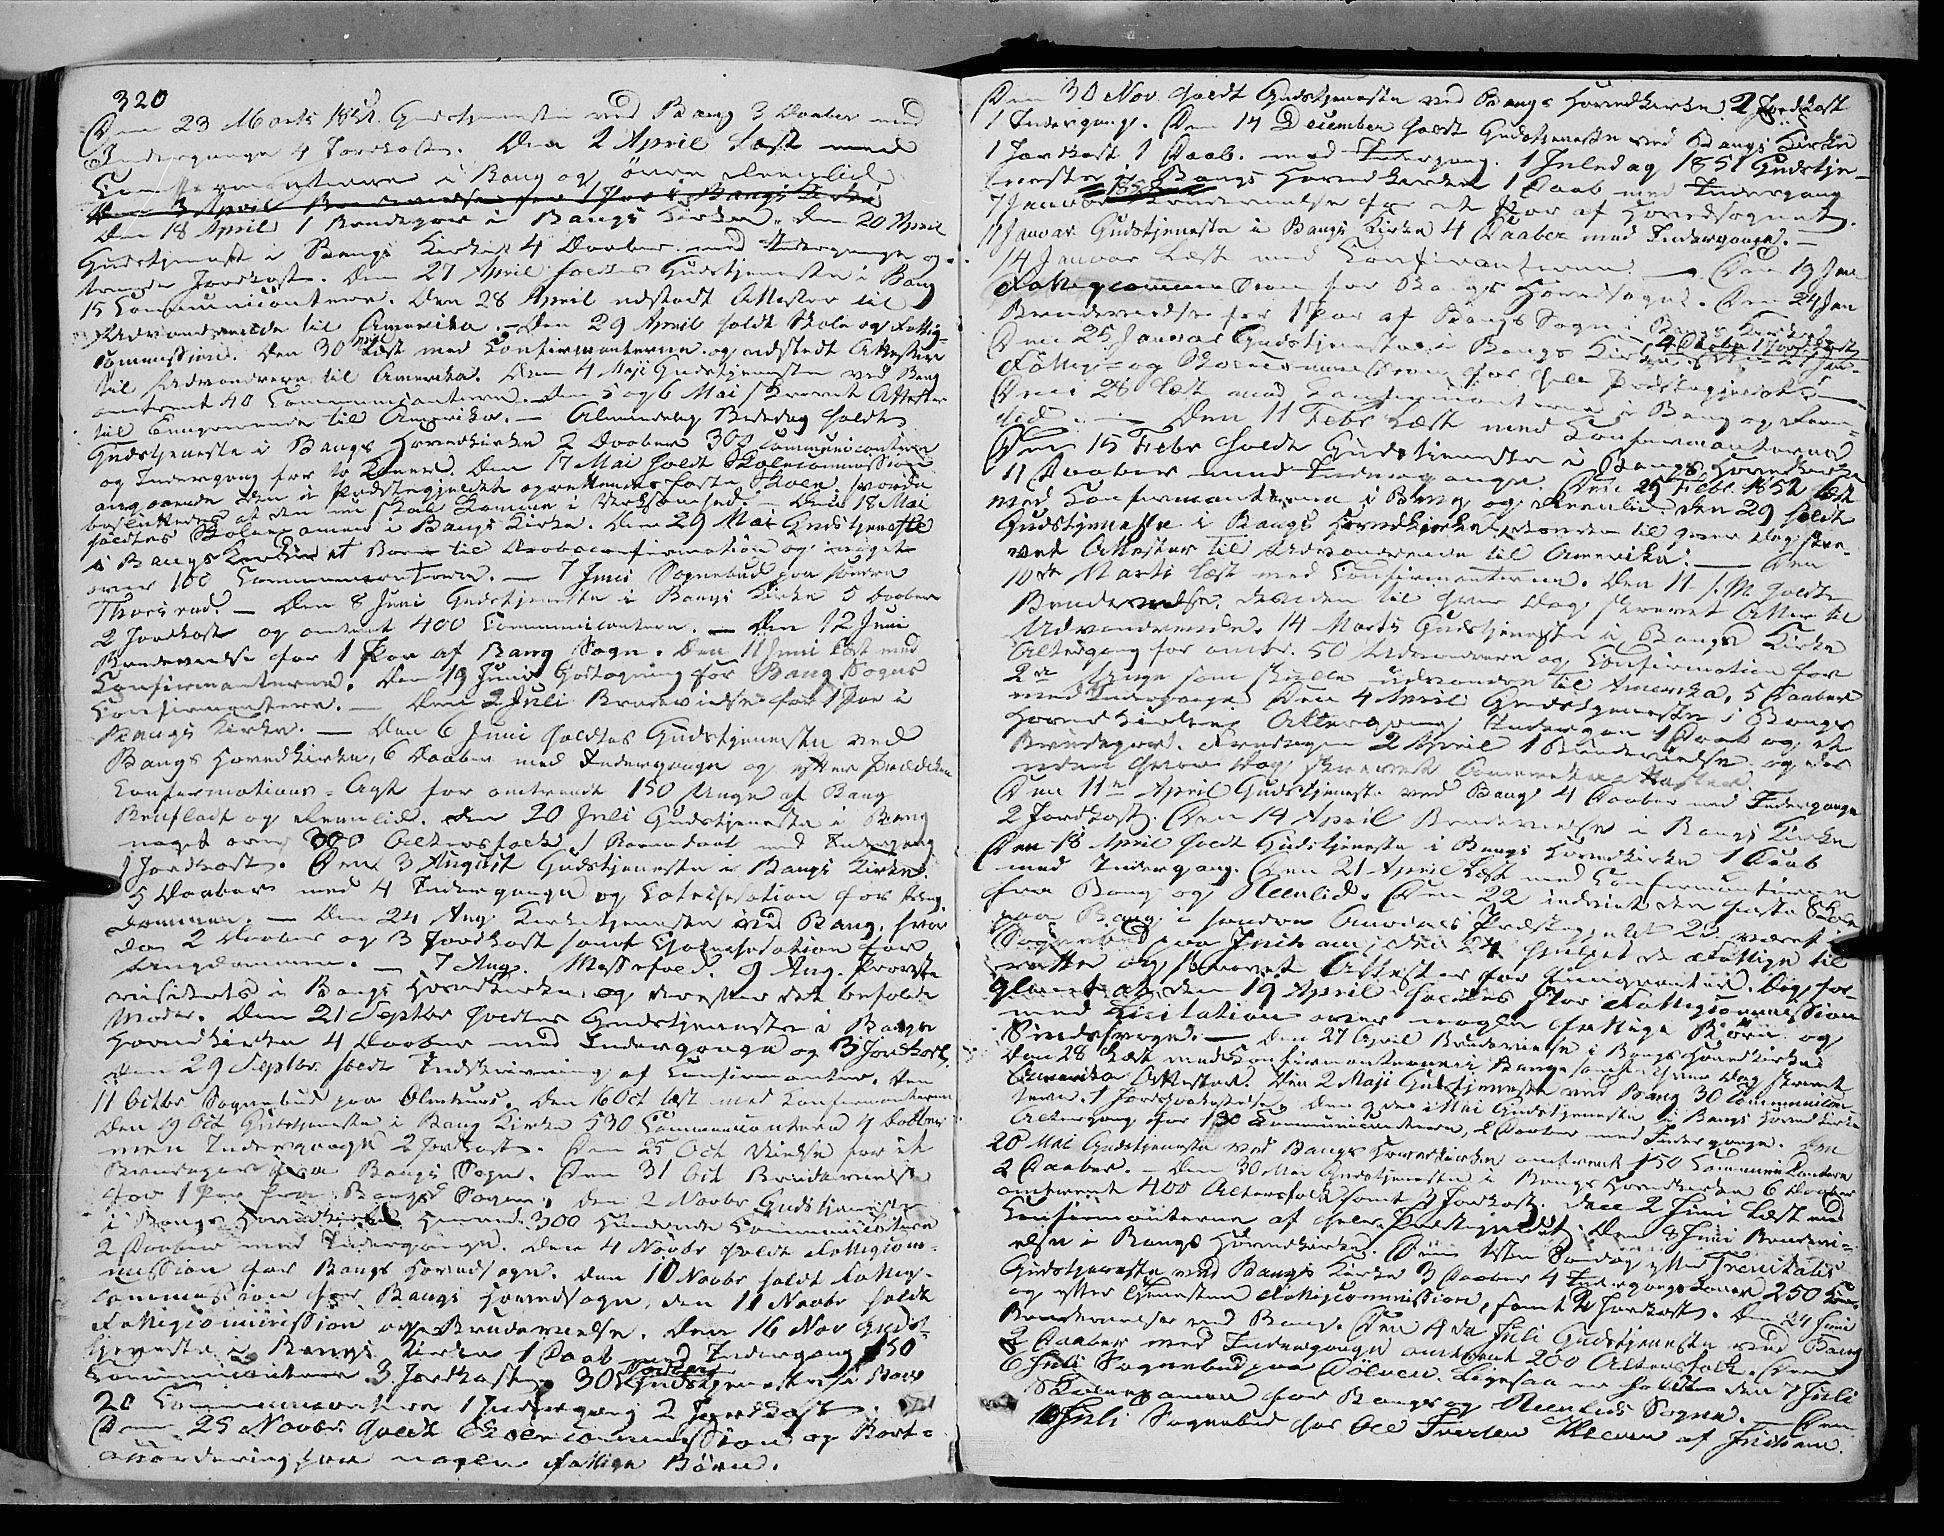 SAH, Sør-Aurdal prestekontor, Ministerialbok nr. 5, 1849-1876, s. 320